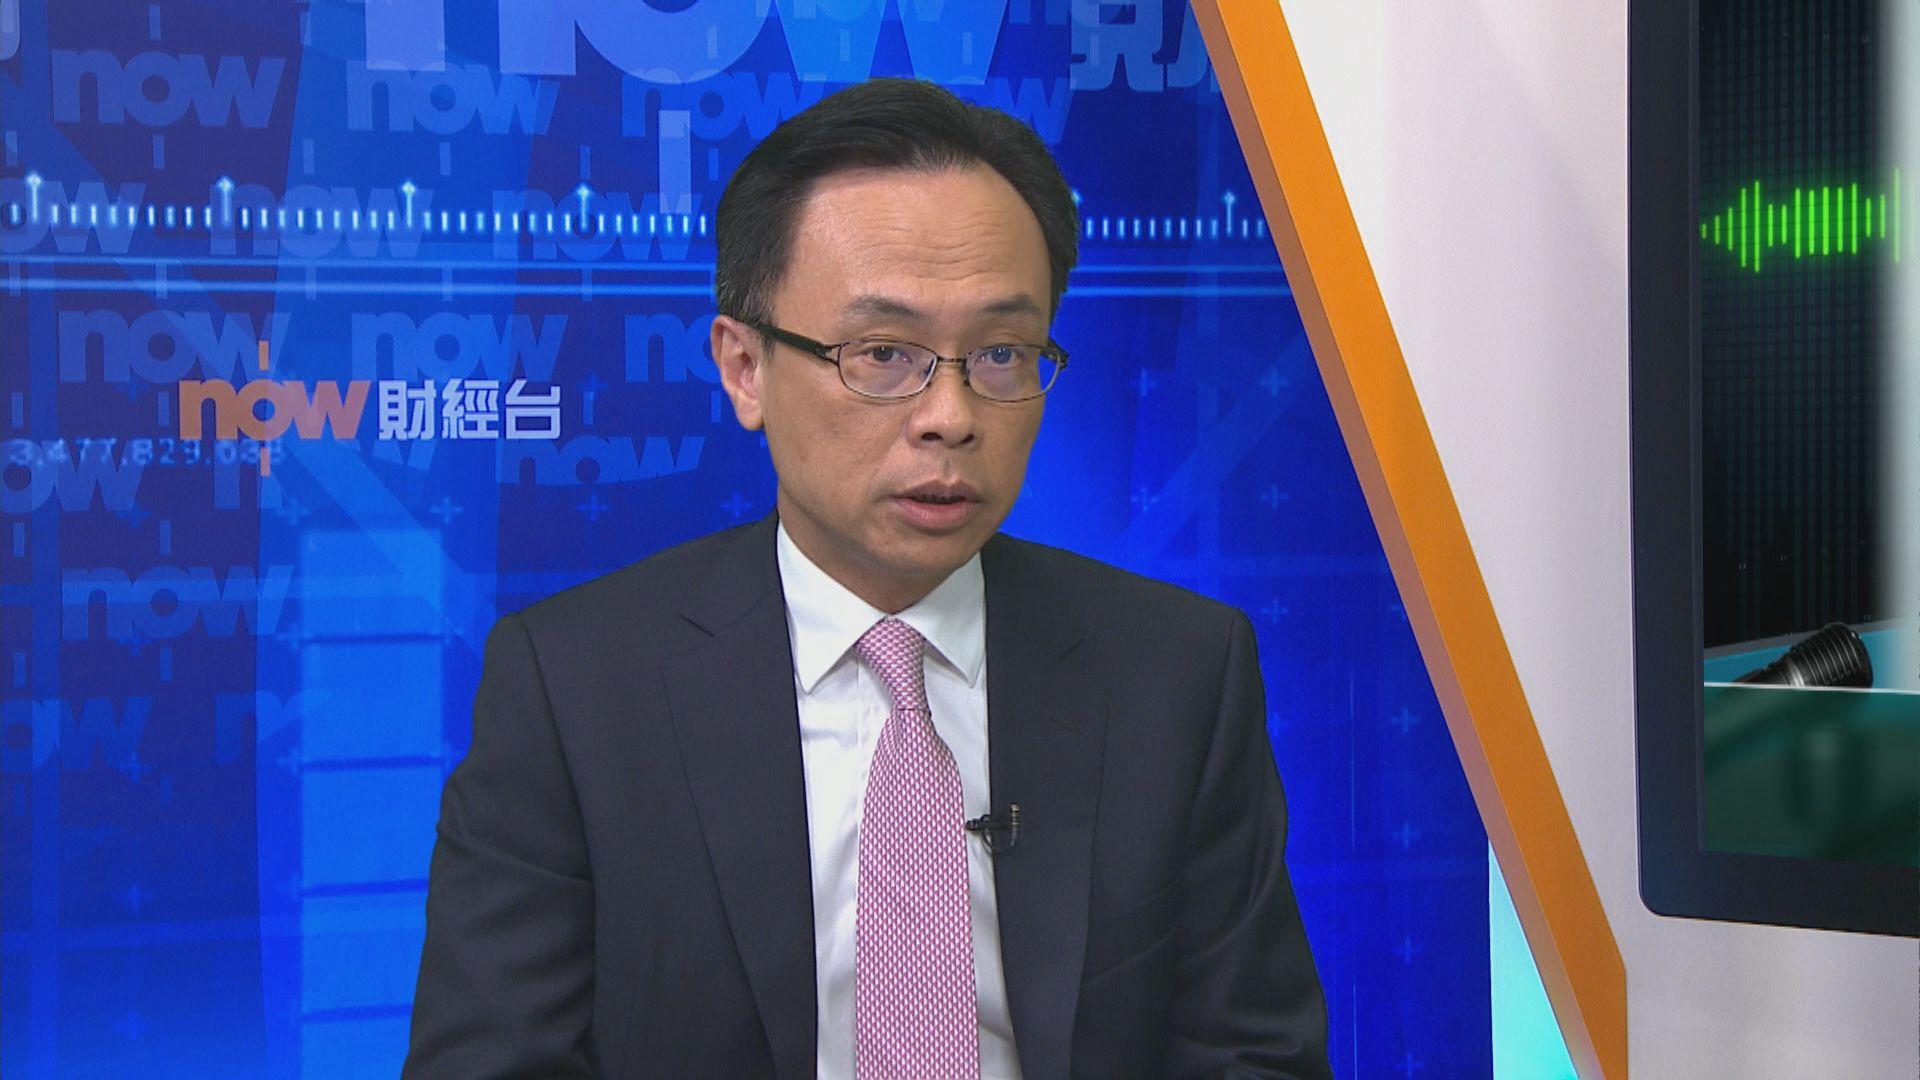 聶德權:大灣區定位國家戰略有助政策推動